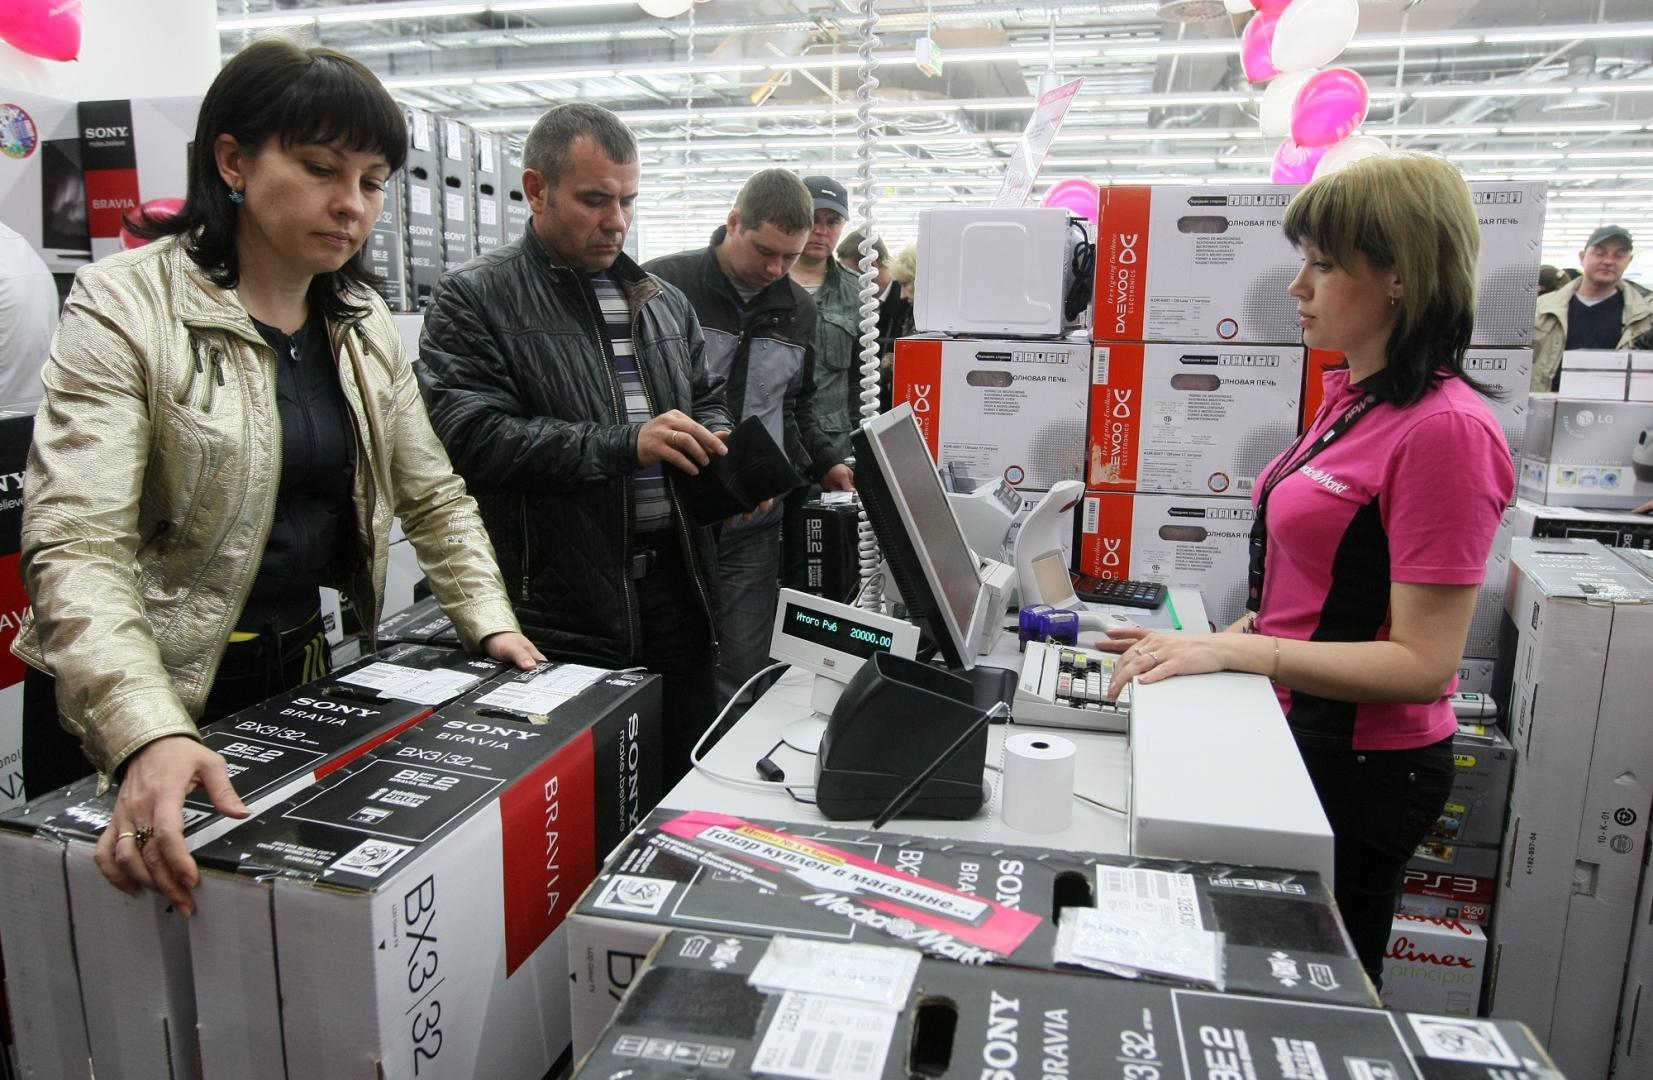 «Лучше рубли потратить сейчас». Когда ждать повышения цен на технику в России